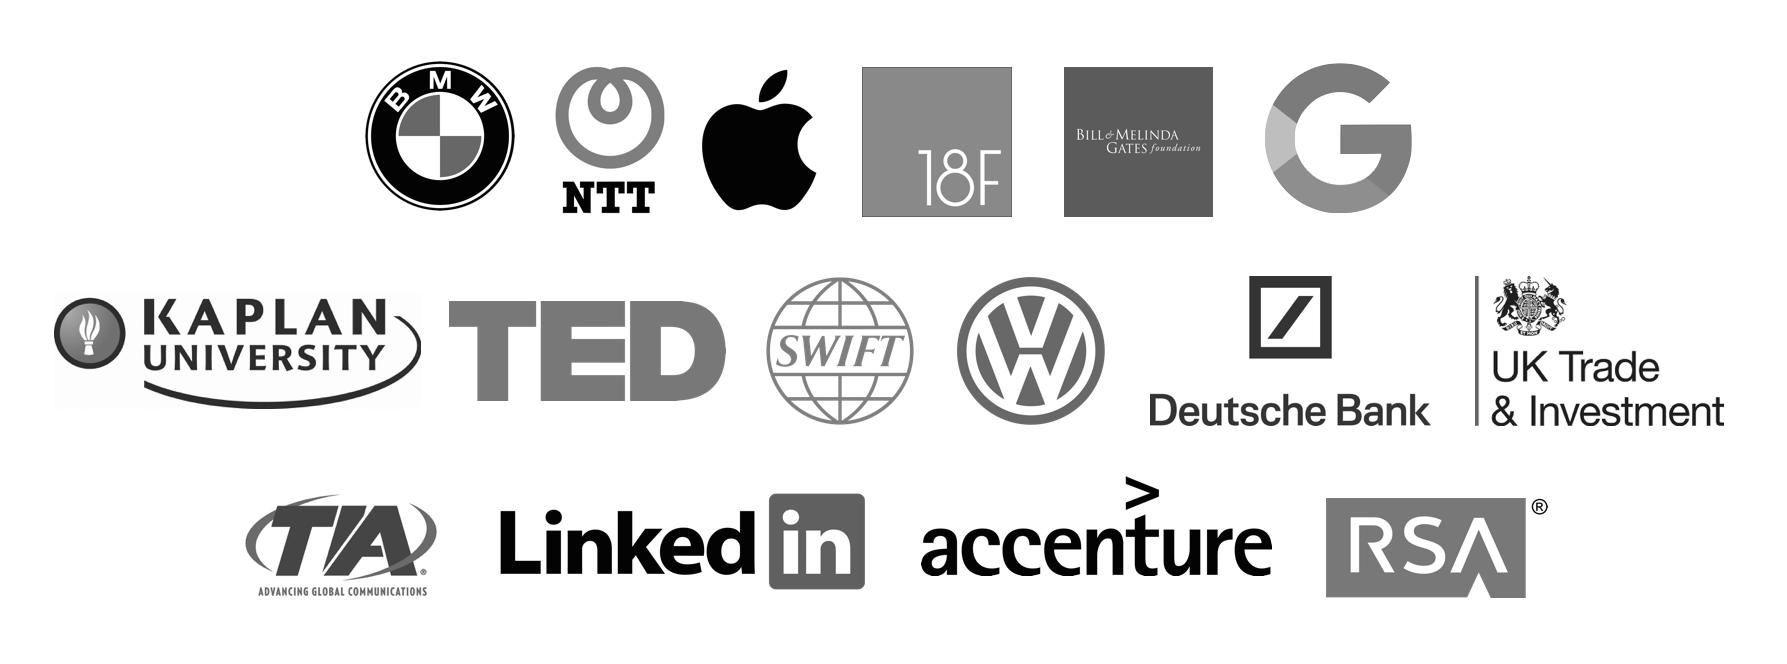 CV2.brands.png